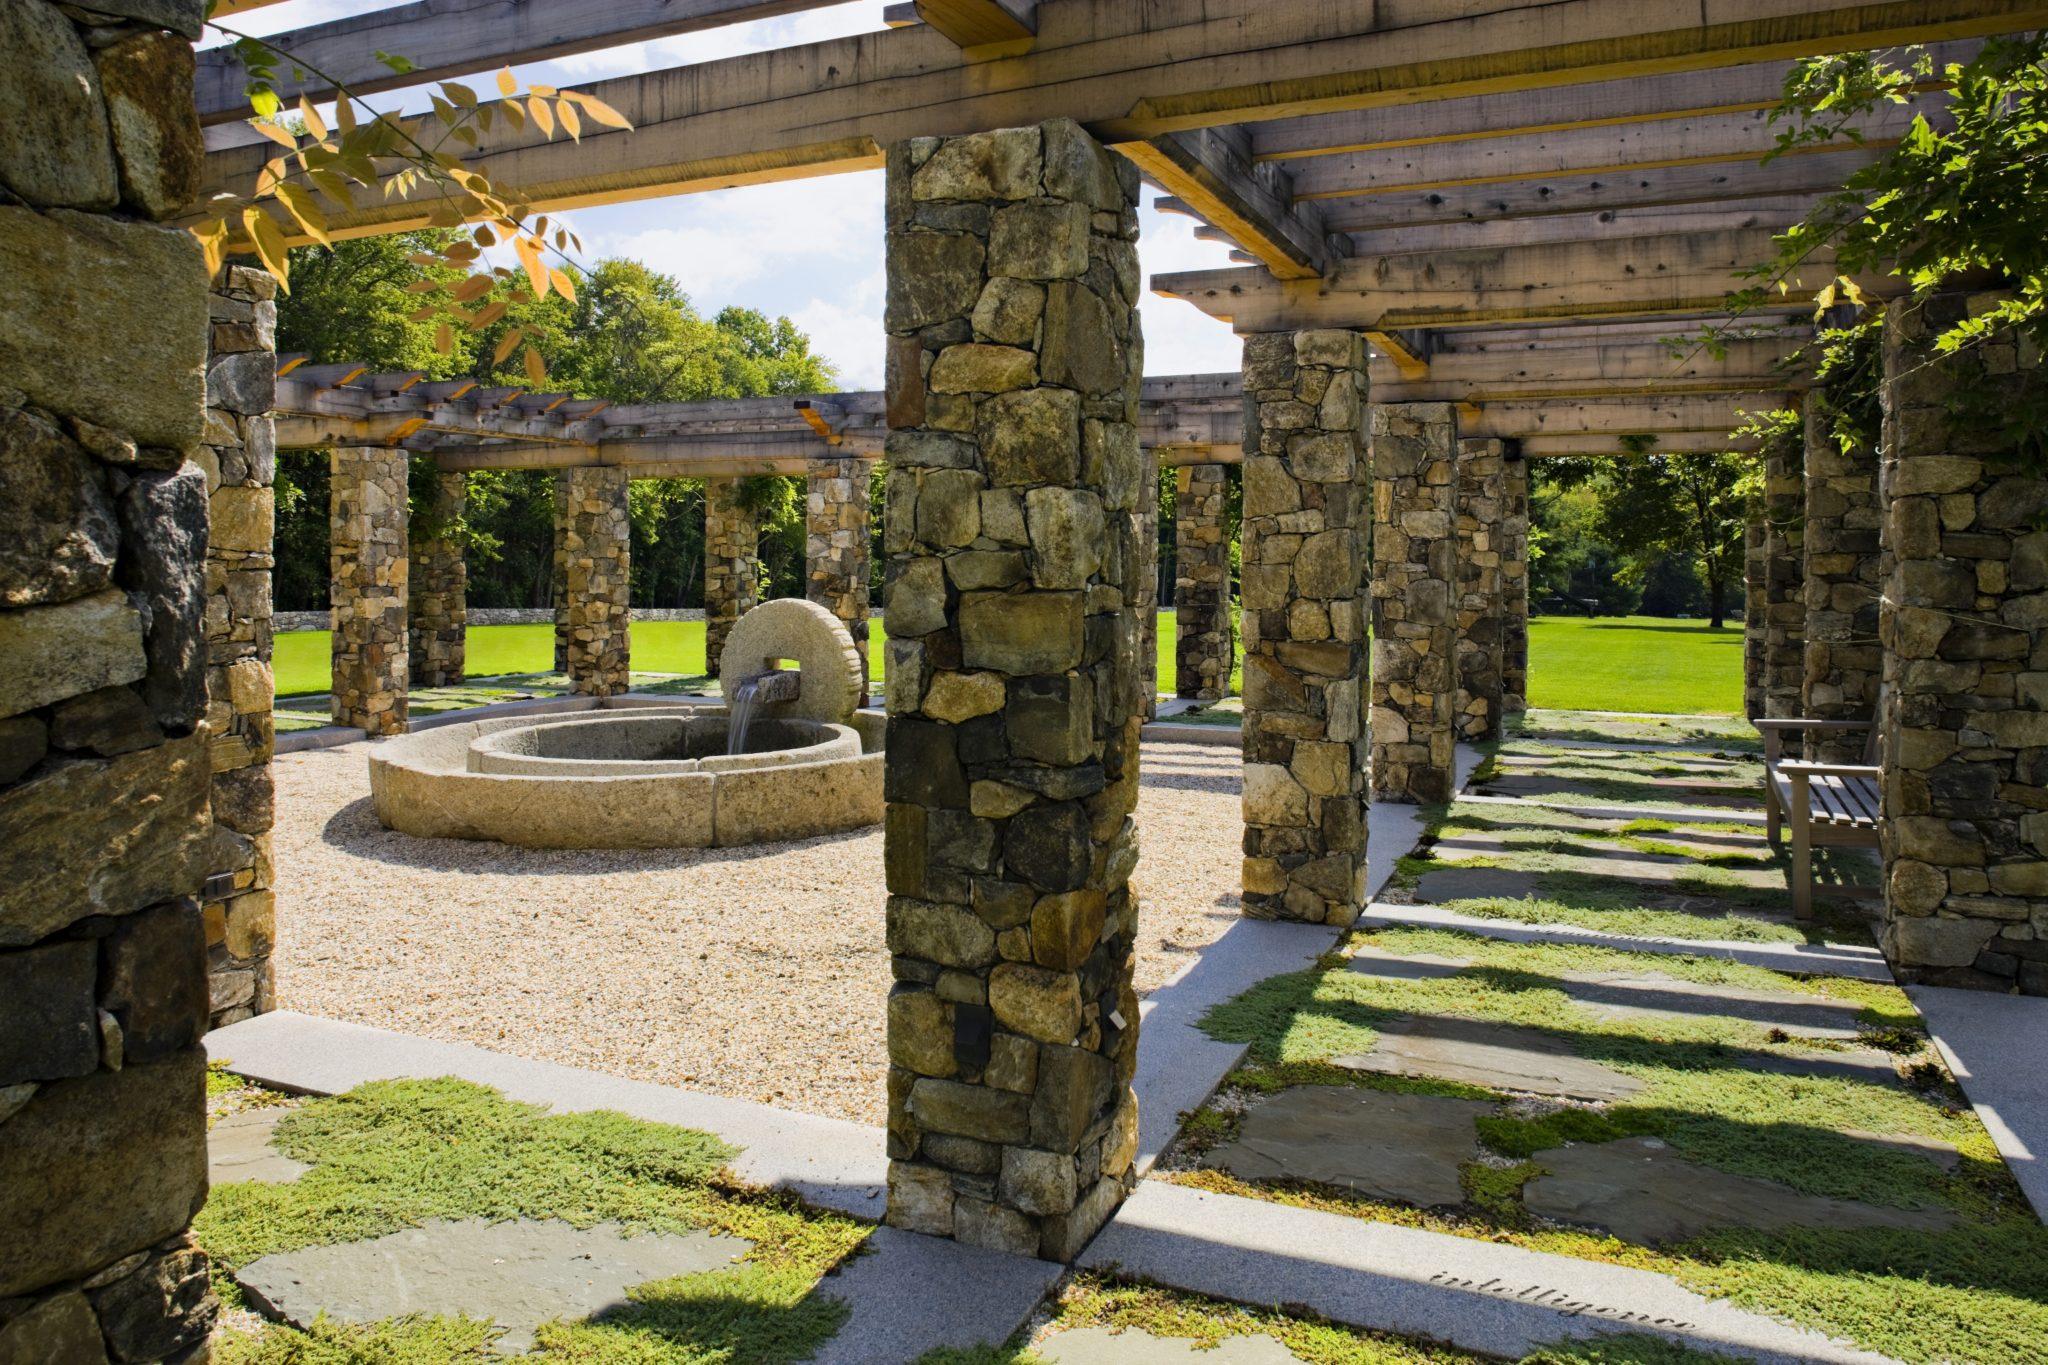 Meditation Garden Pergola by Haver & Skolnick Architects